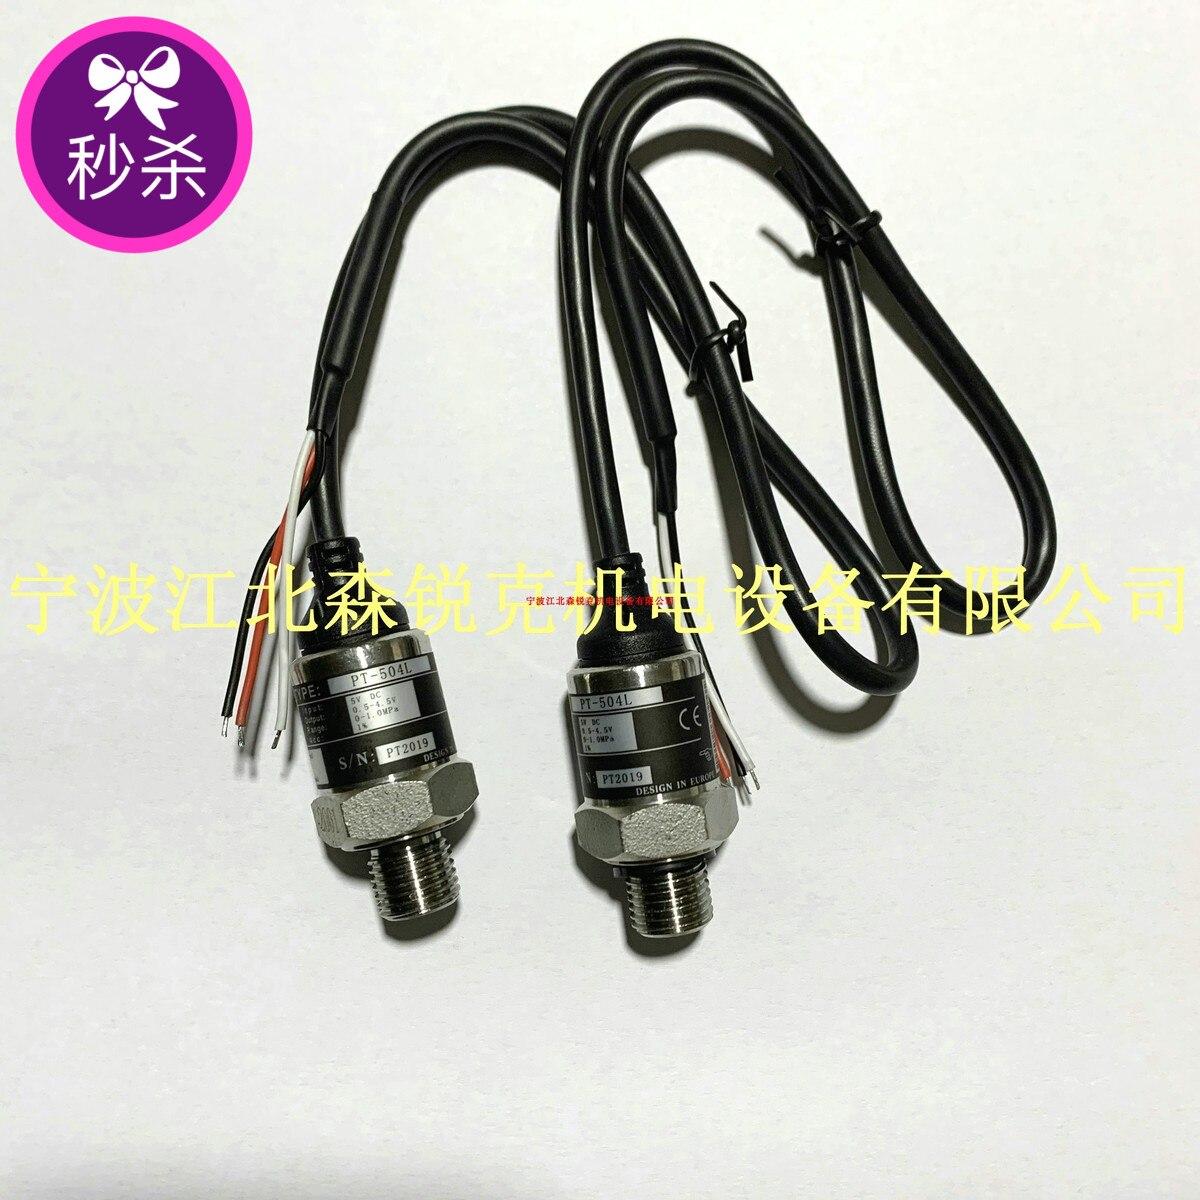 خاص استشعار الضغط ل متغير تردد المياه مضخة الضغط المستمر إمدادات المياه SP100Ceramic الارسال PT-504L